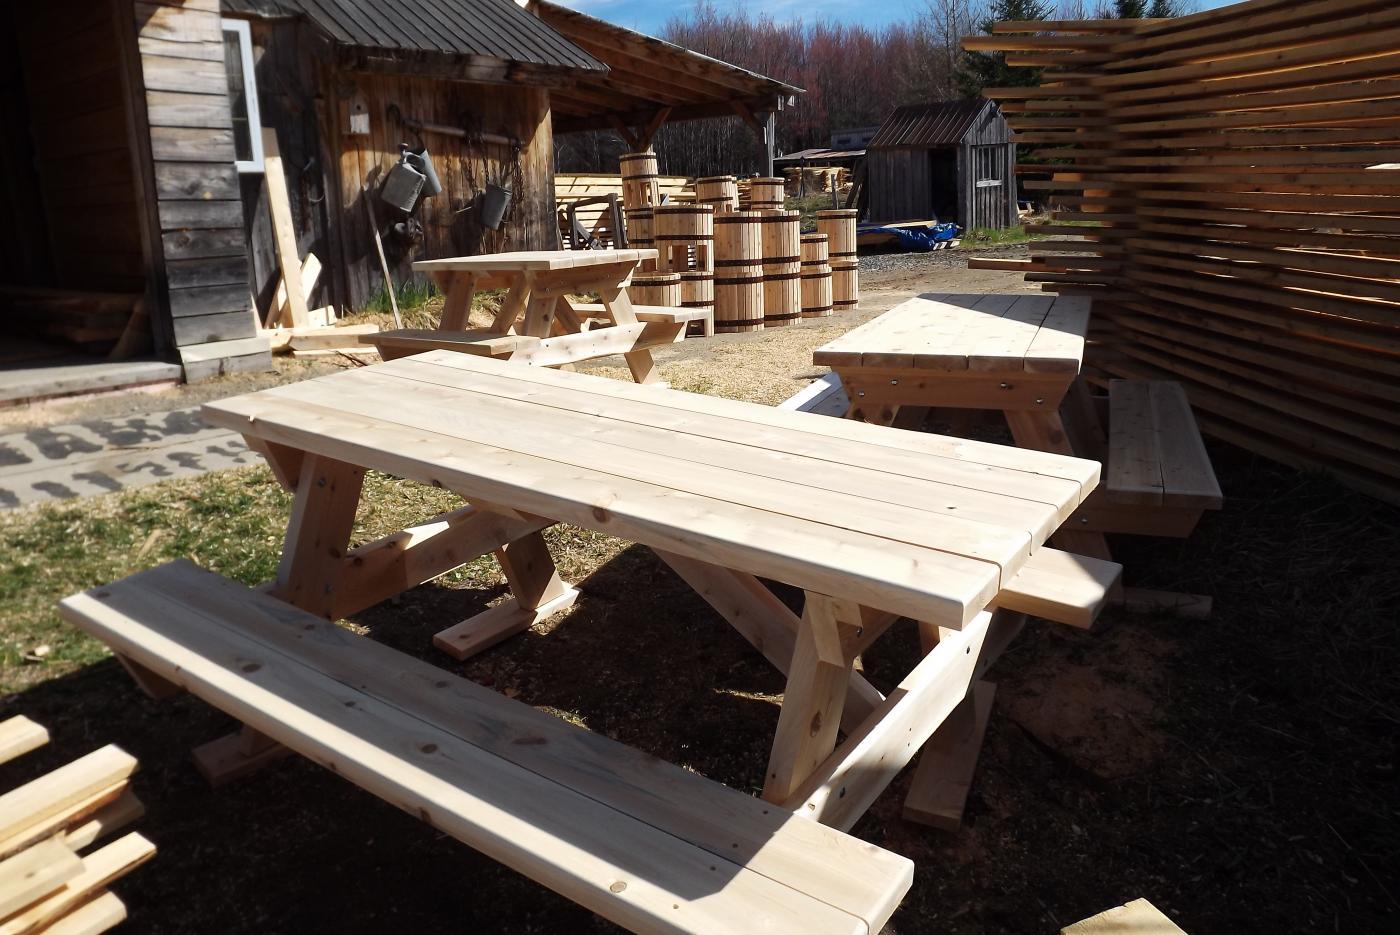 Table de Picnic Le petit moulin du 4 milles - Artisans du cèdre - Cédrières - Saunas - Les barils - Cantons de l'Est - Estrie